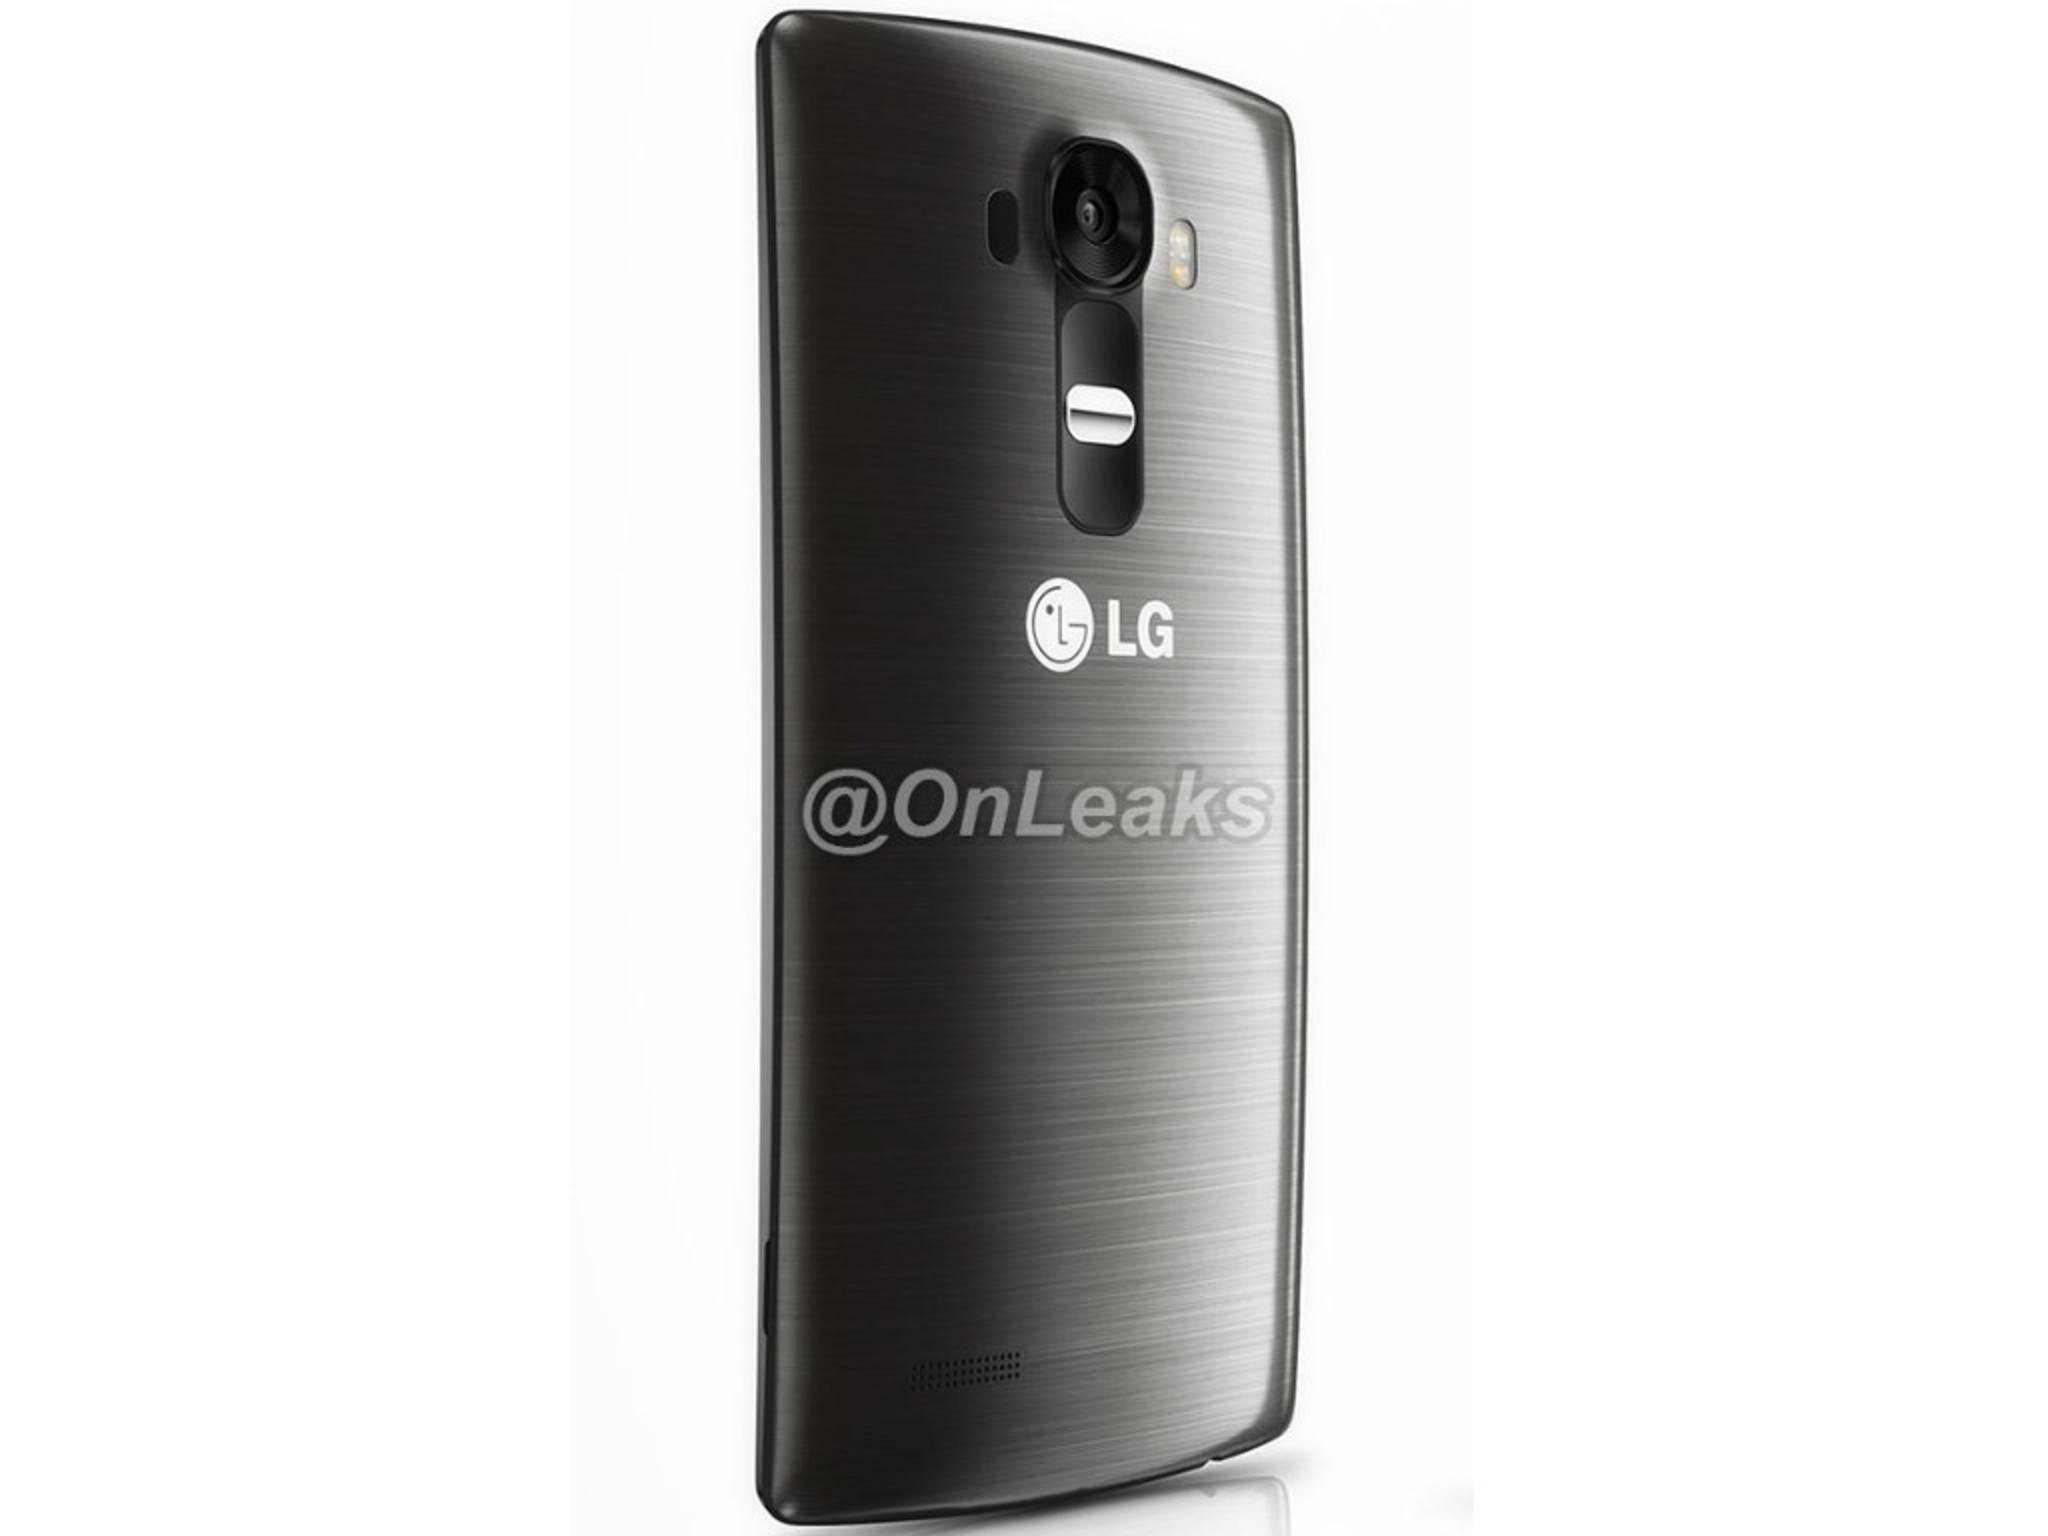 Sieht so das LG G4 aus? Twitter-Account OnLeaks zeigt diese inoffiziellen Bilder.